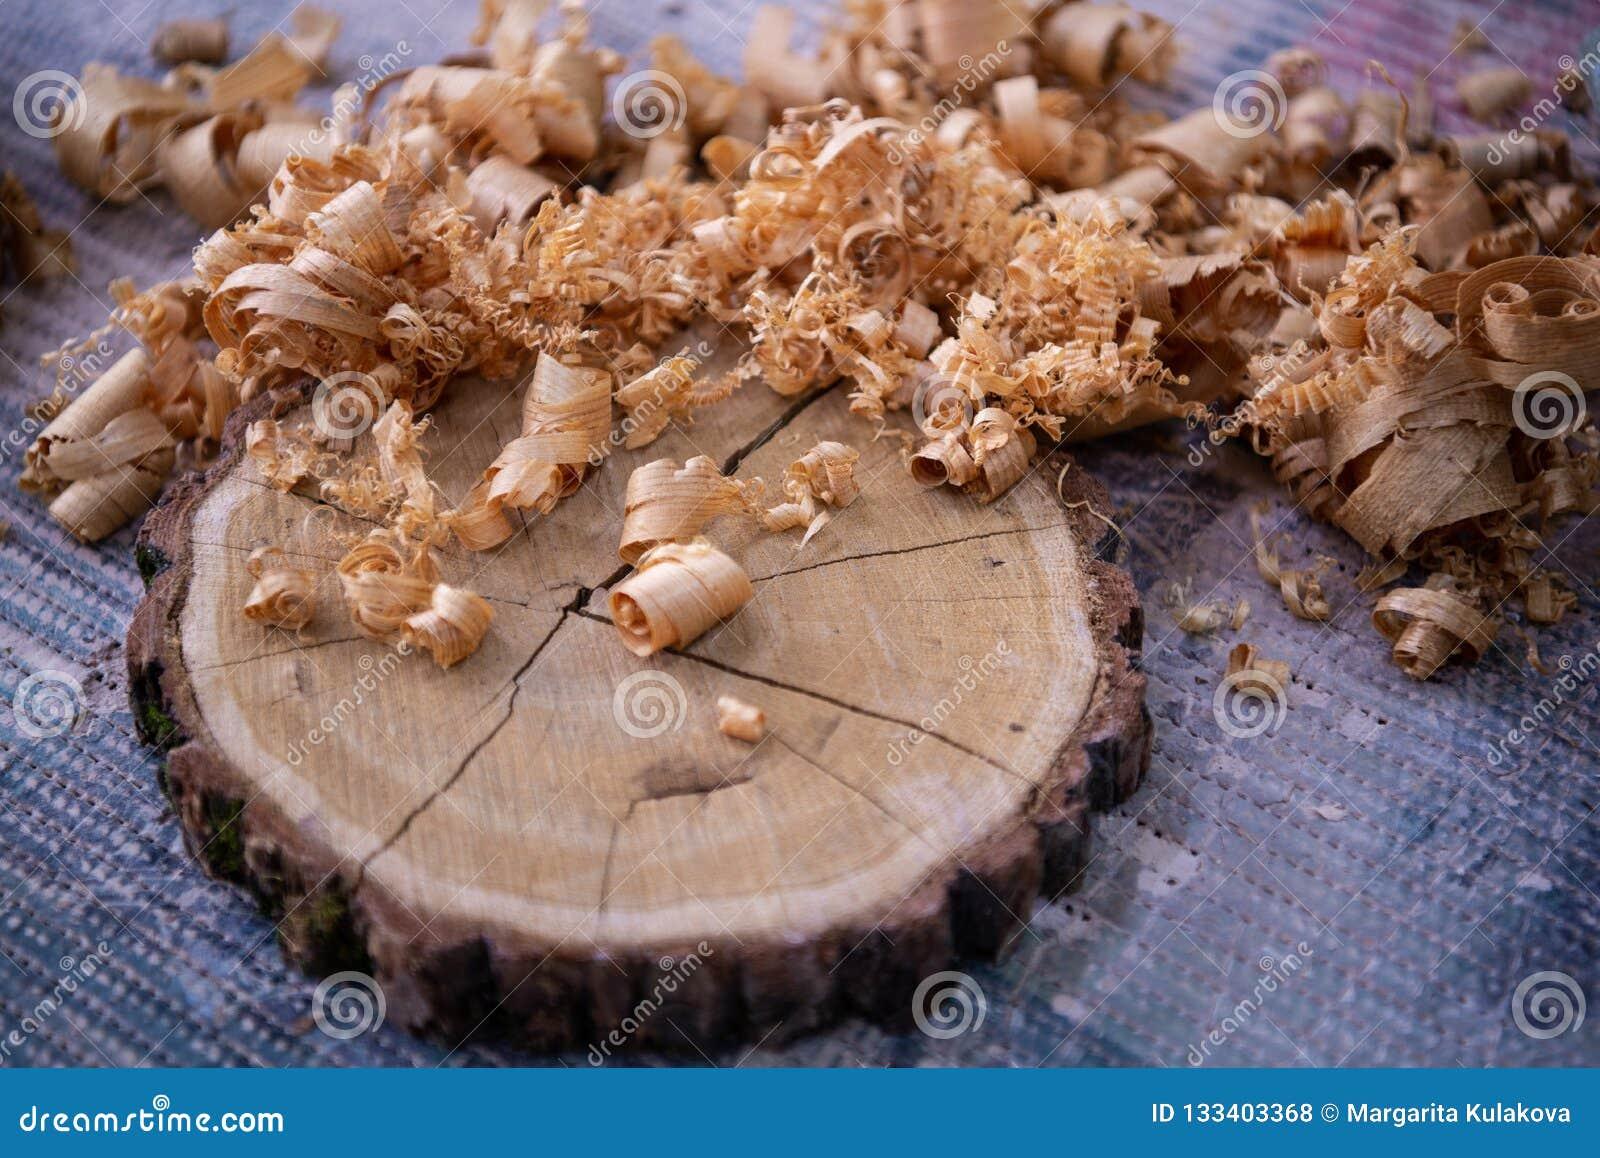 Schaafsel en Lijkwitte boomdwarsdoorsnede op de werkbank dichte omhooggaand van de timmerman: houtbewerking en timmerwerkconcept